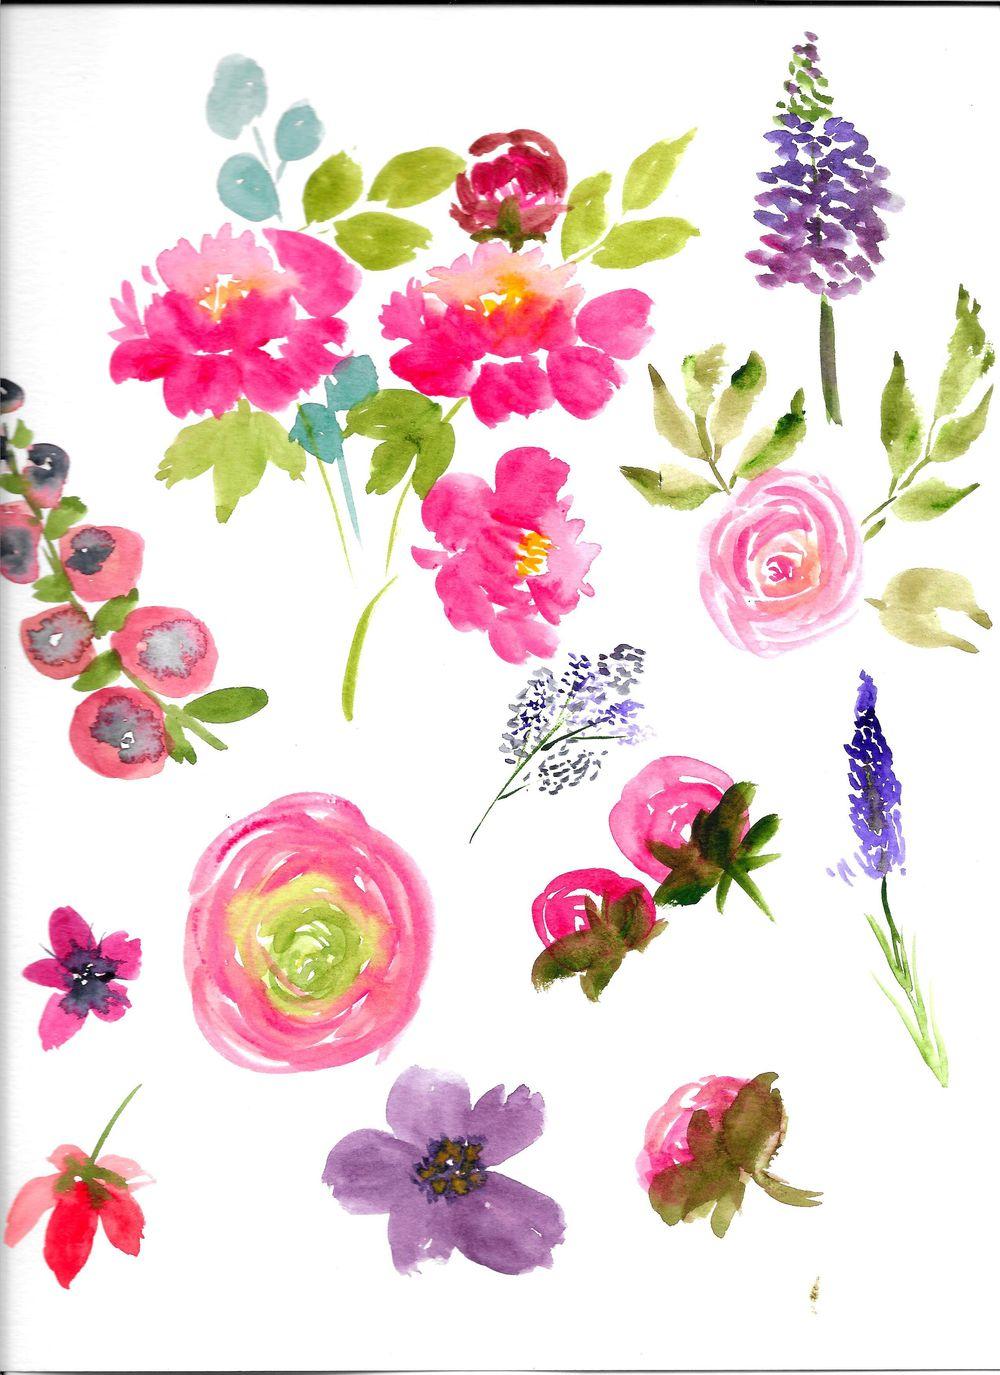 Watercolor Floral Arrangement - image 3 - student project